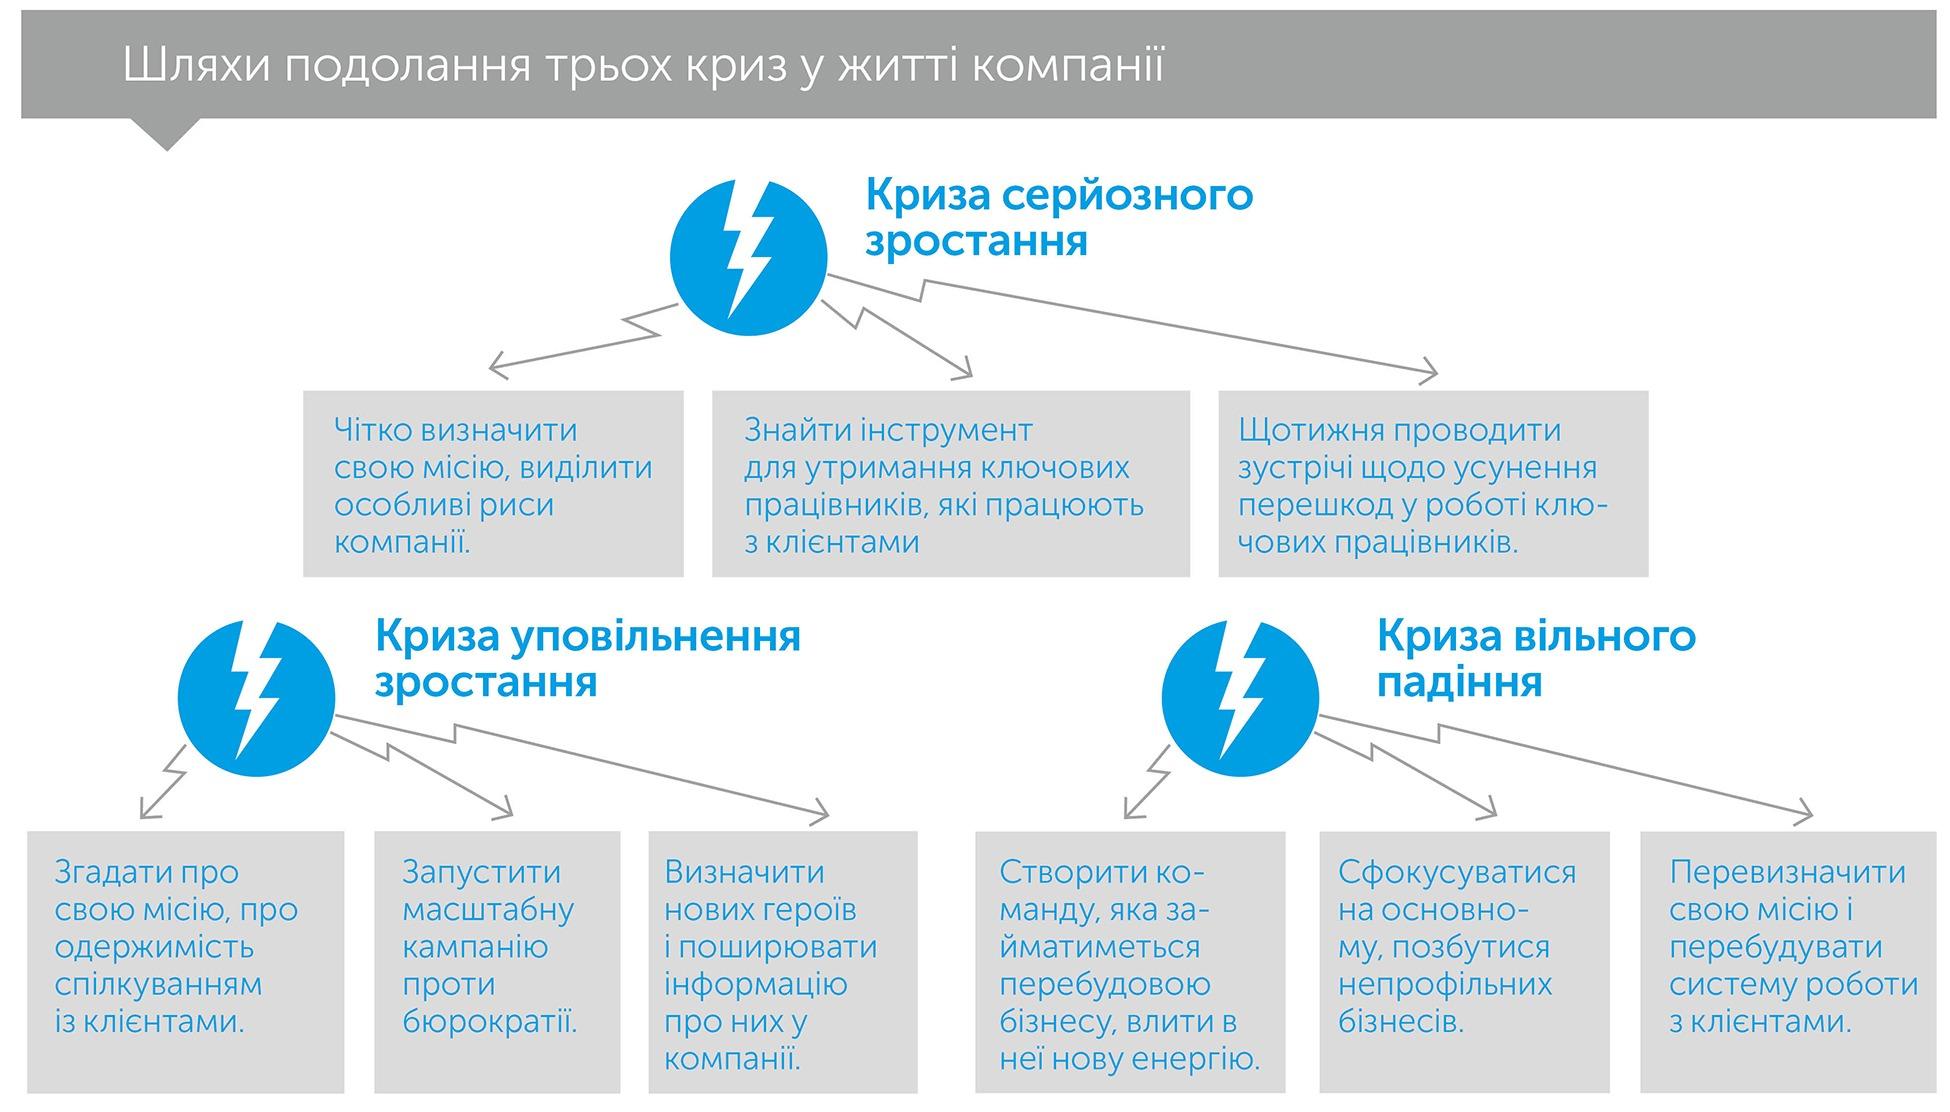 Менталітет засновника: як подолати передбачувані кризи зростання, автор Девід Зук | Kyivstar Business Hub, зображення №5